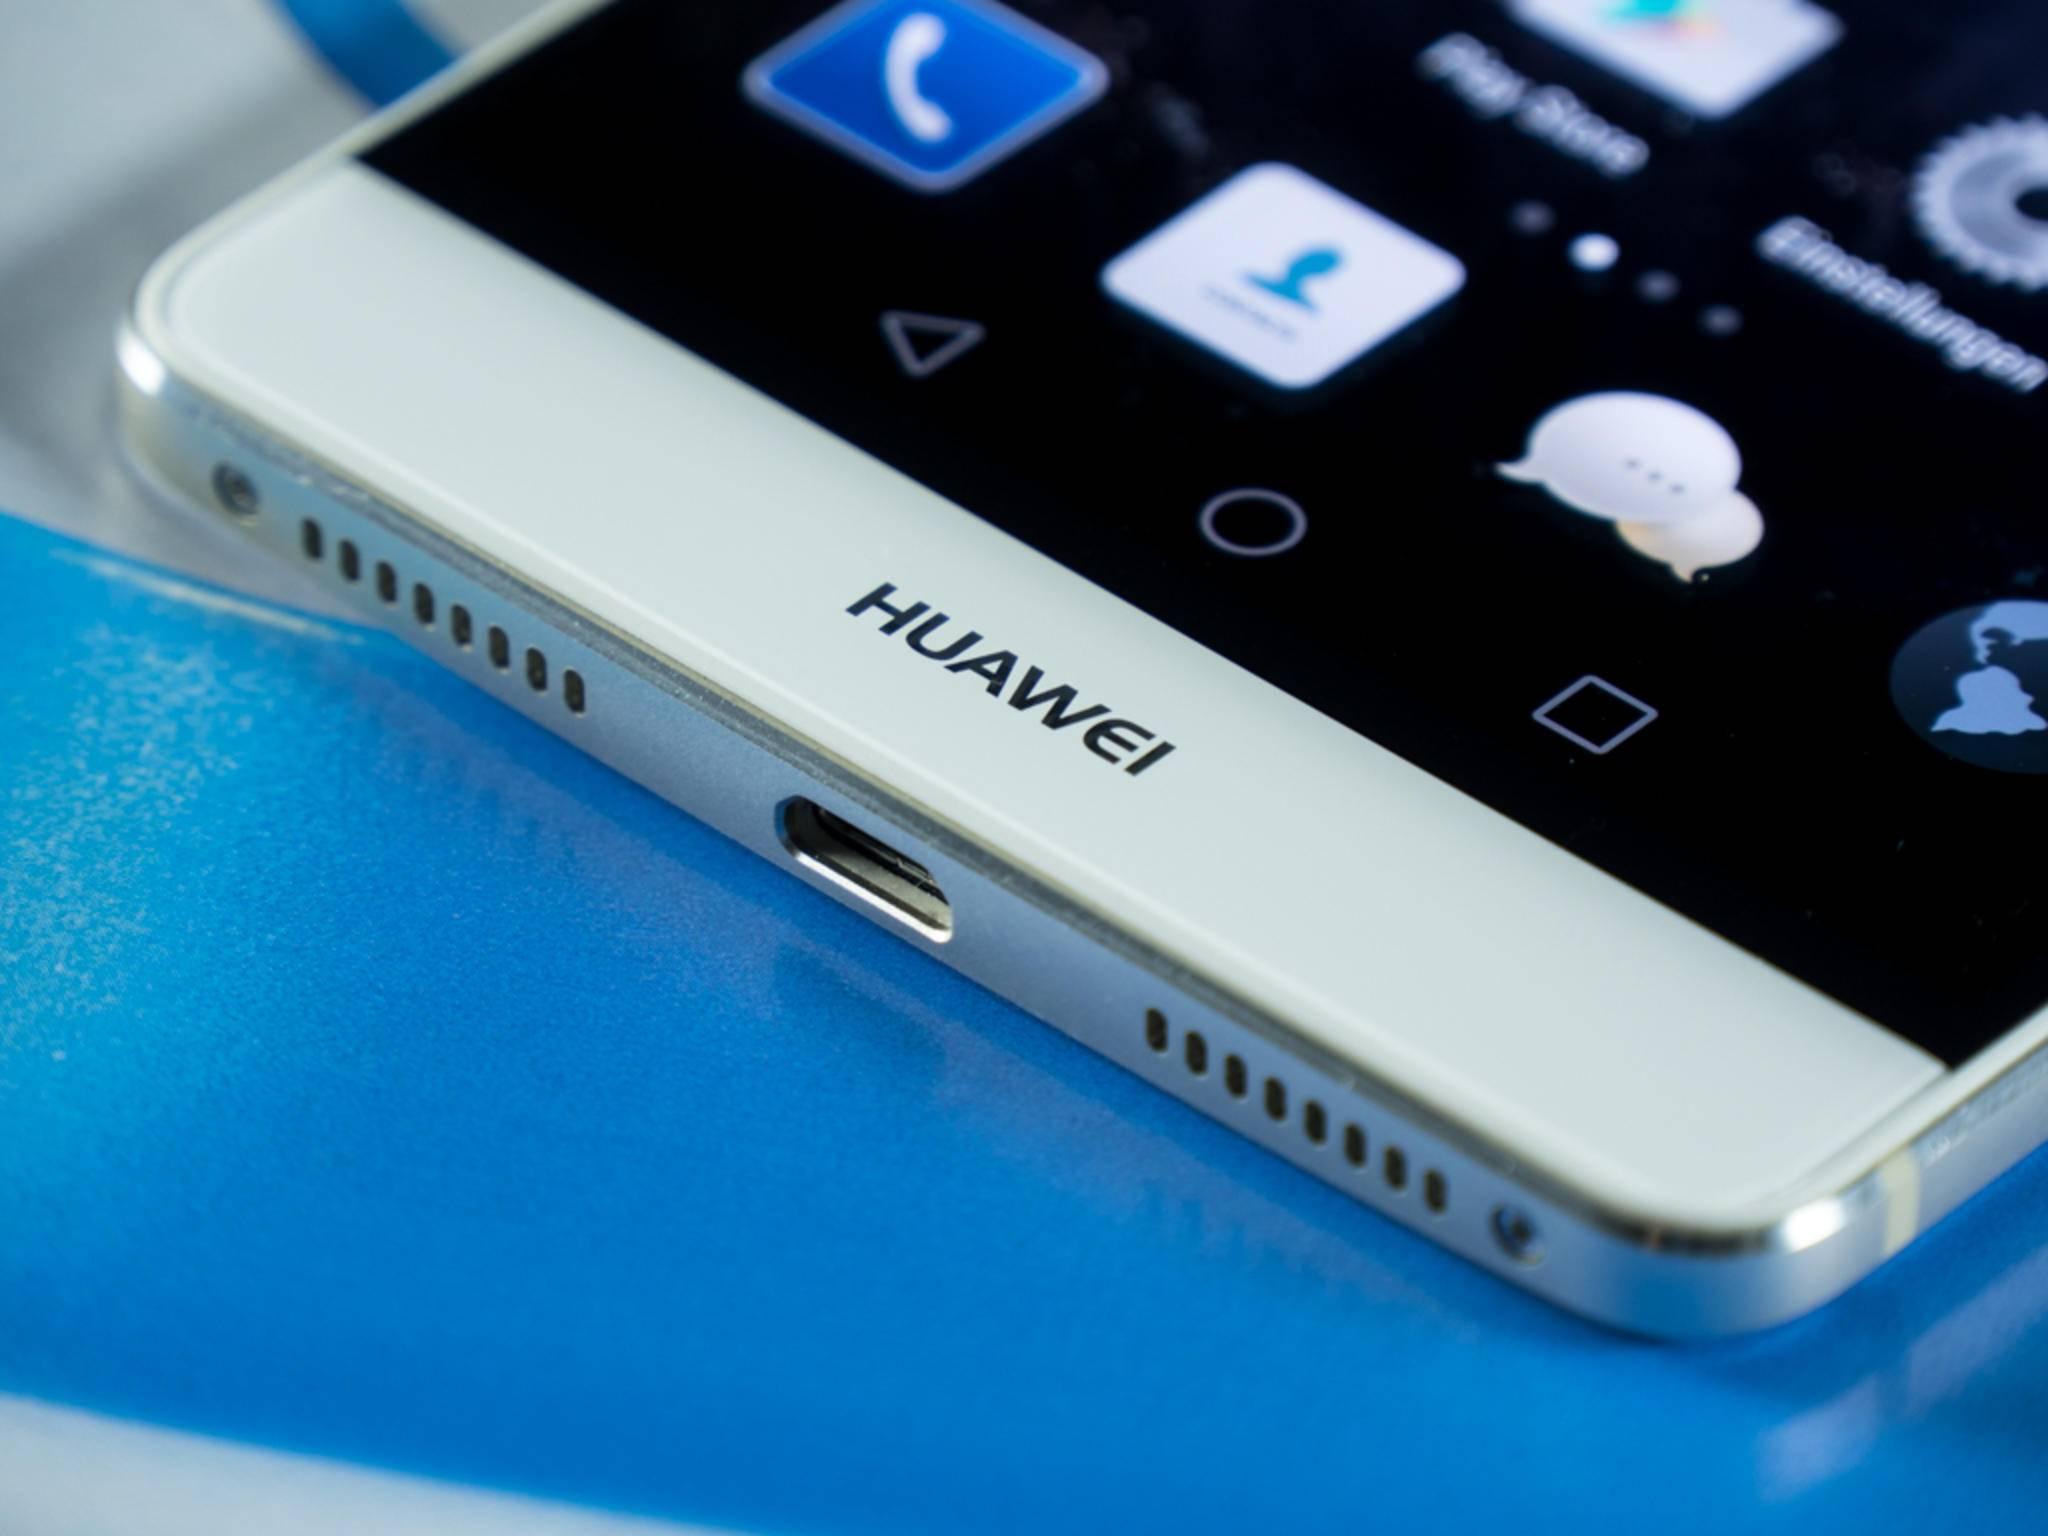 Diese Tipps zum Huawei Mate S solltest Du unbedingt kennen.